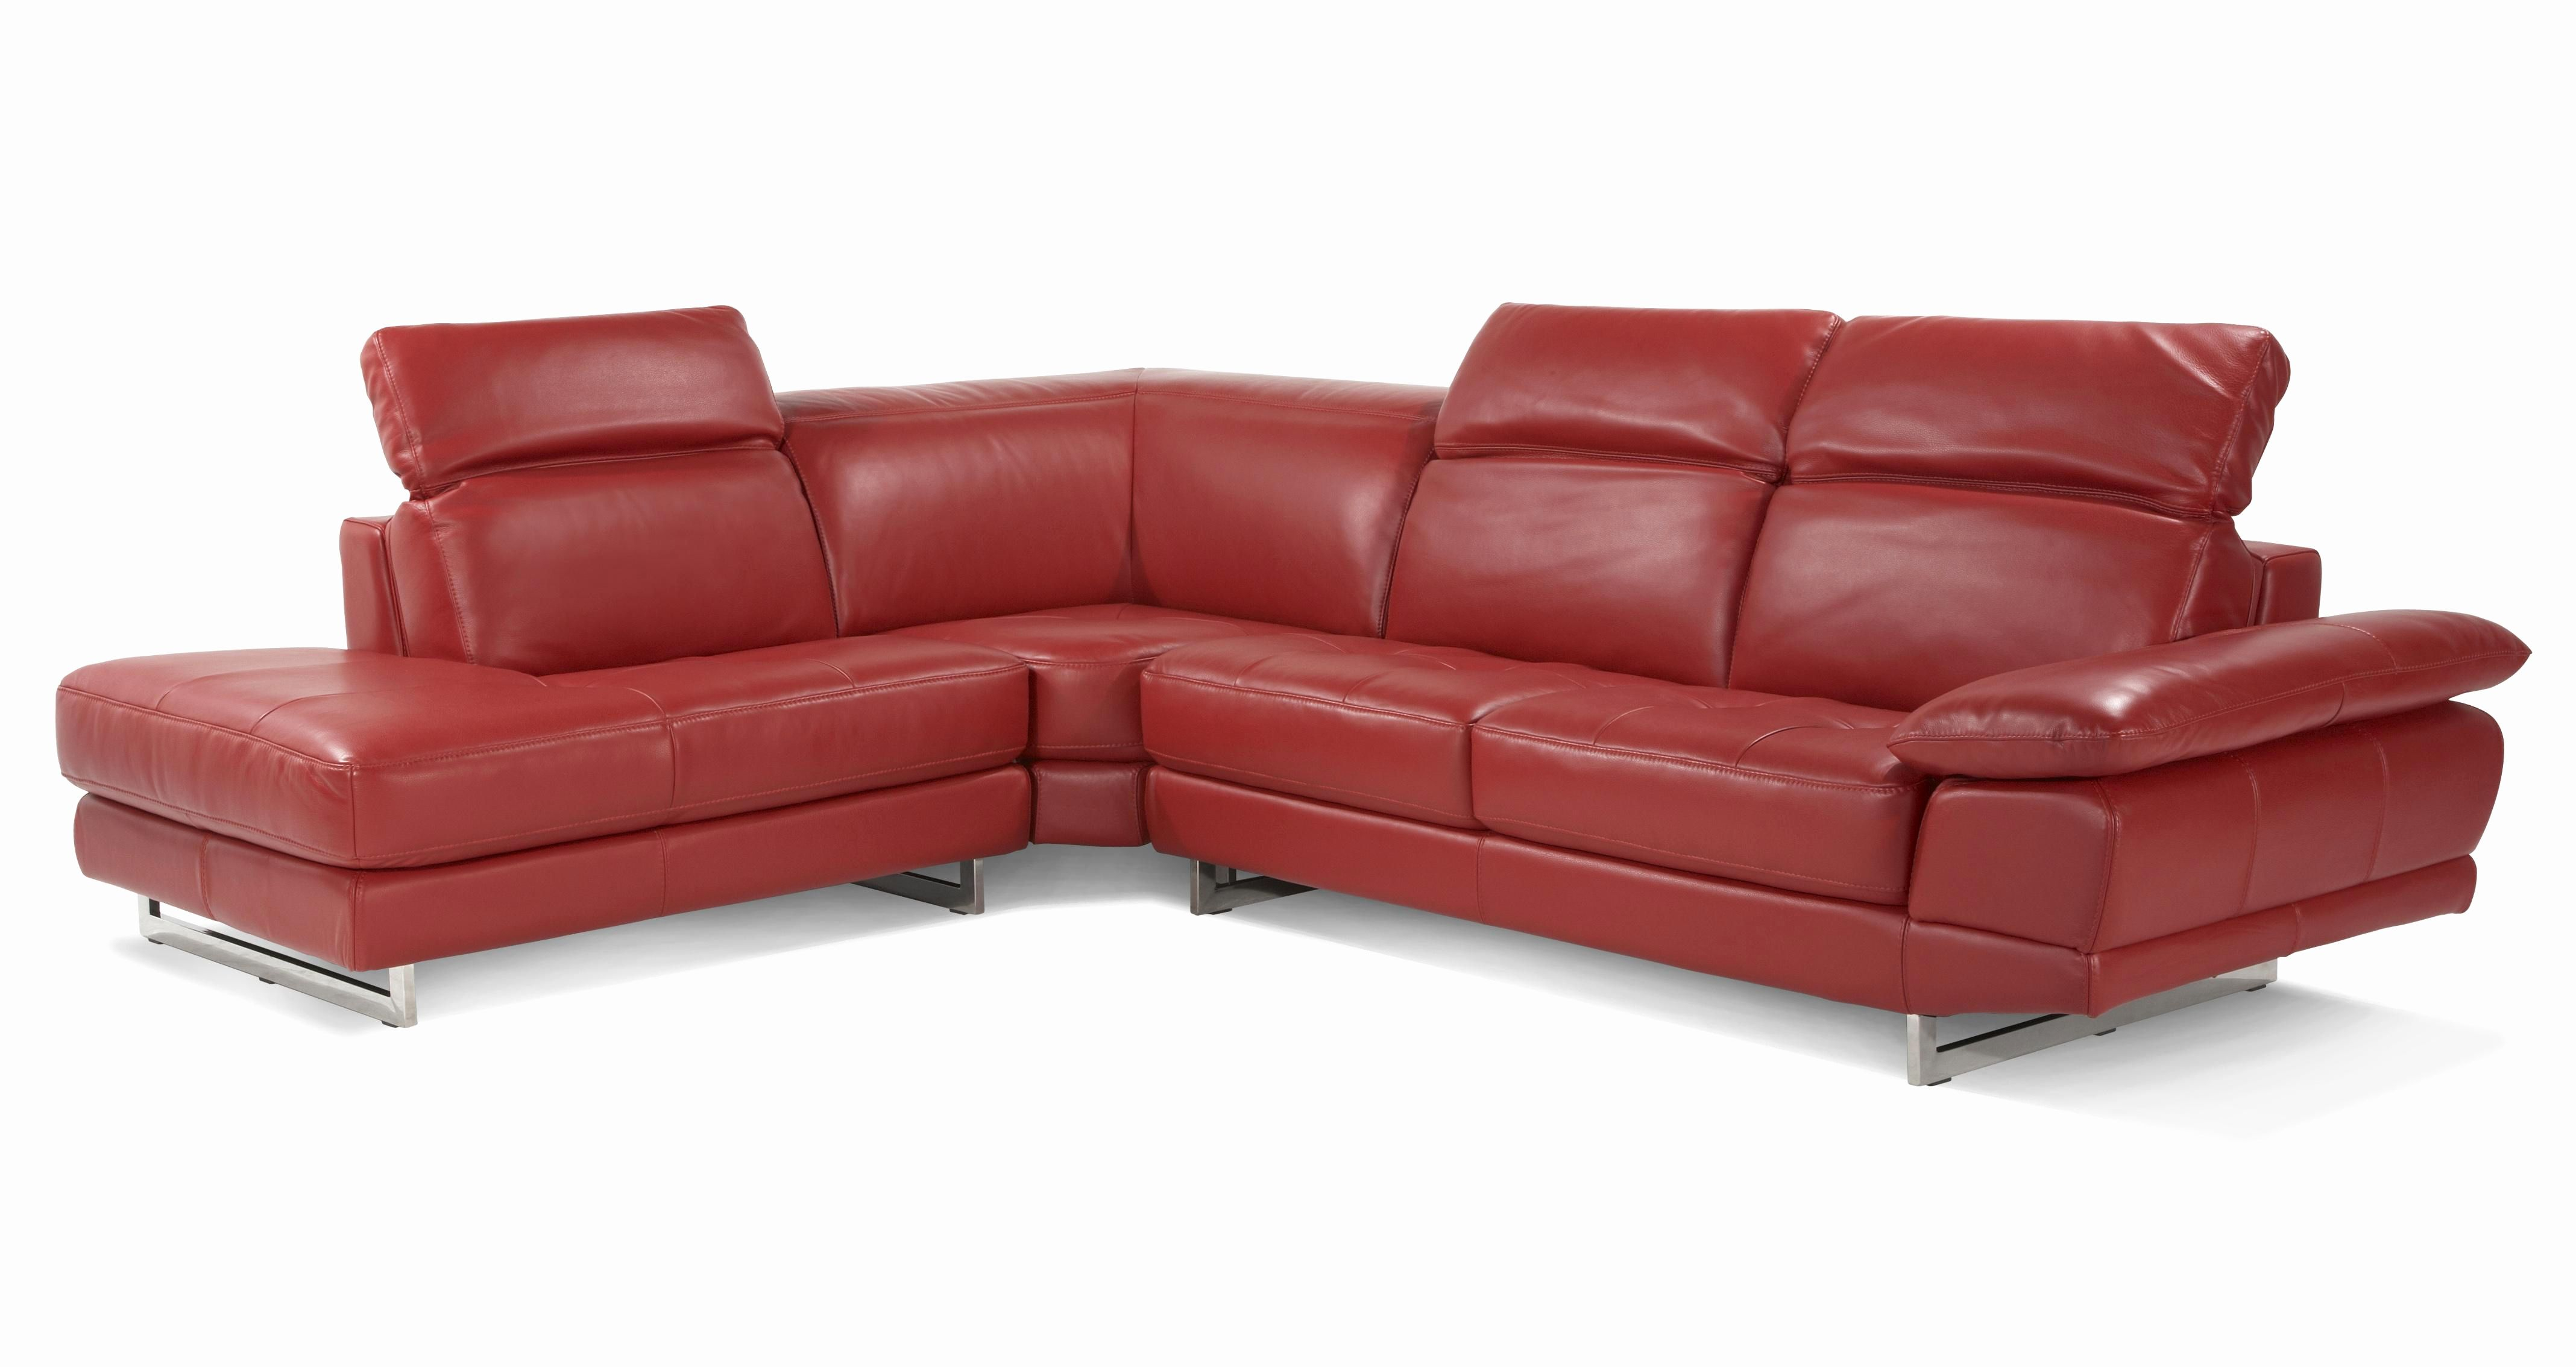 Idea Milan Leather Sofa Pics Milan Leather Sofa with regard to size 4273 X 2268